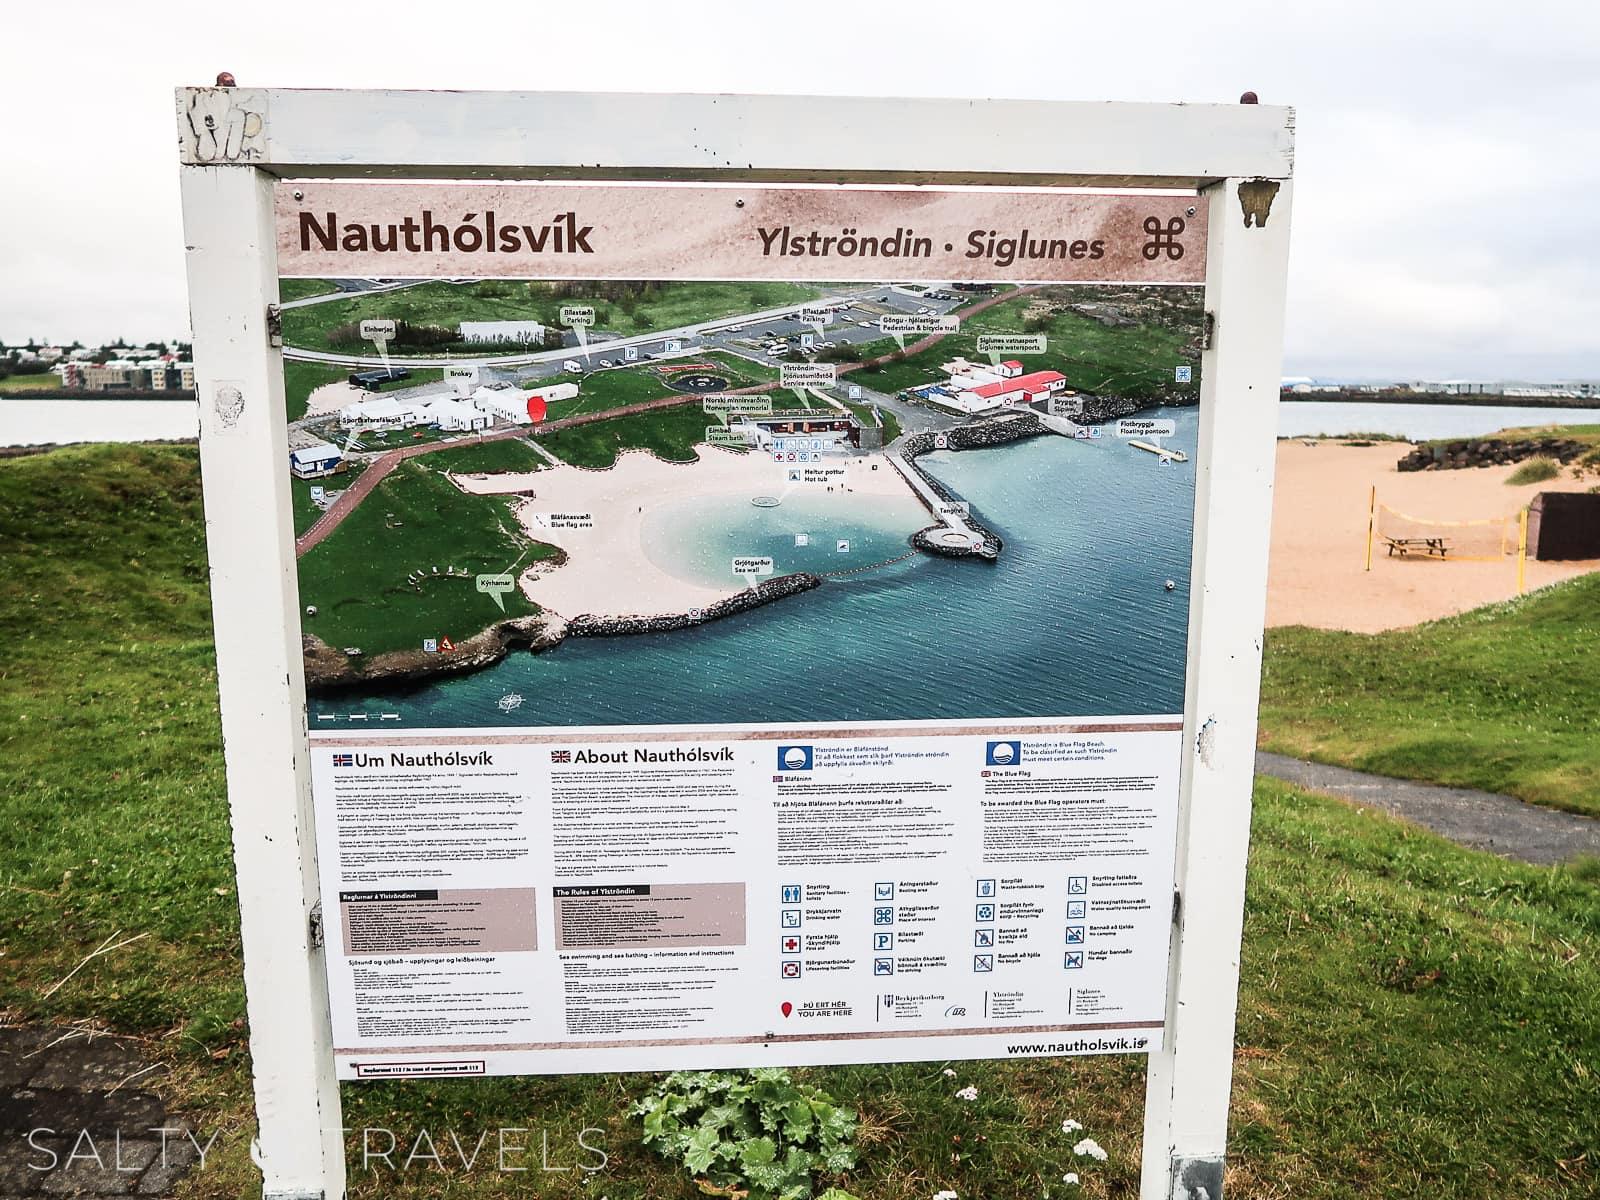 zwiedzanie Reykjaviku - plaża NAUTHOLSVIK